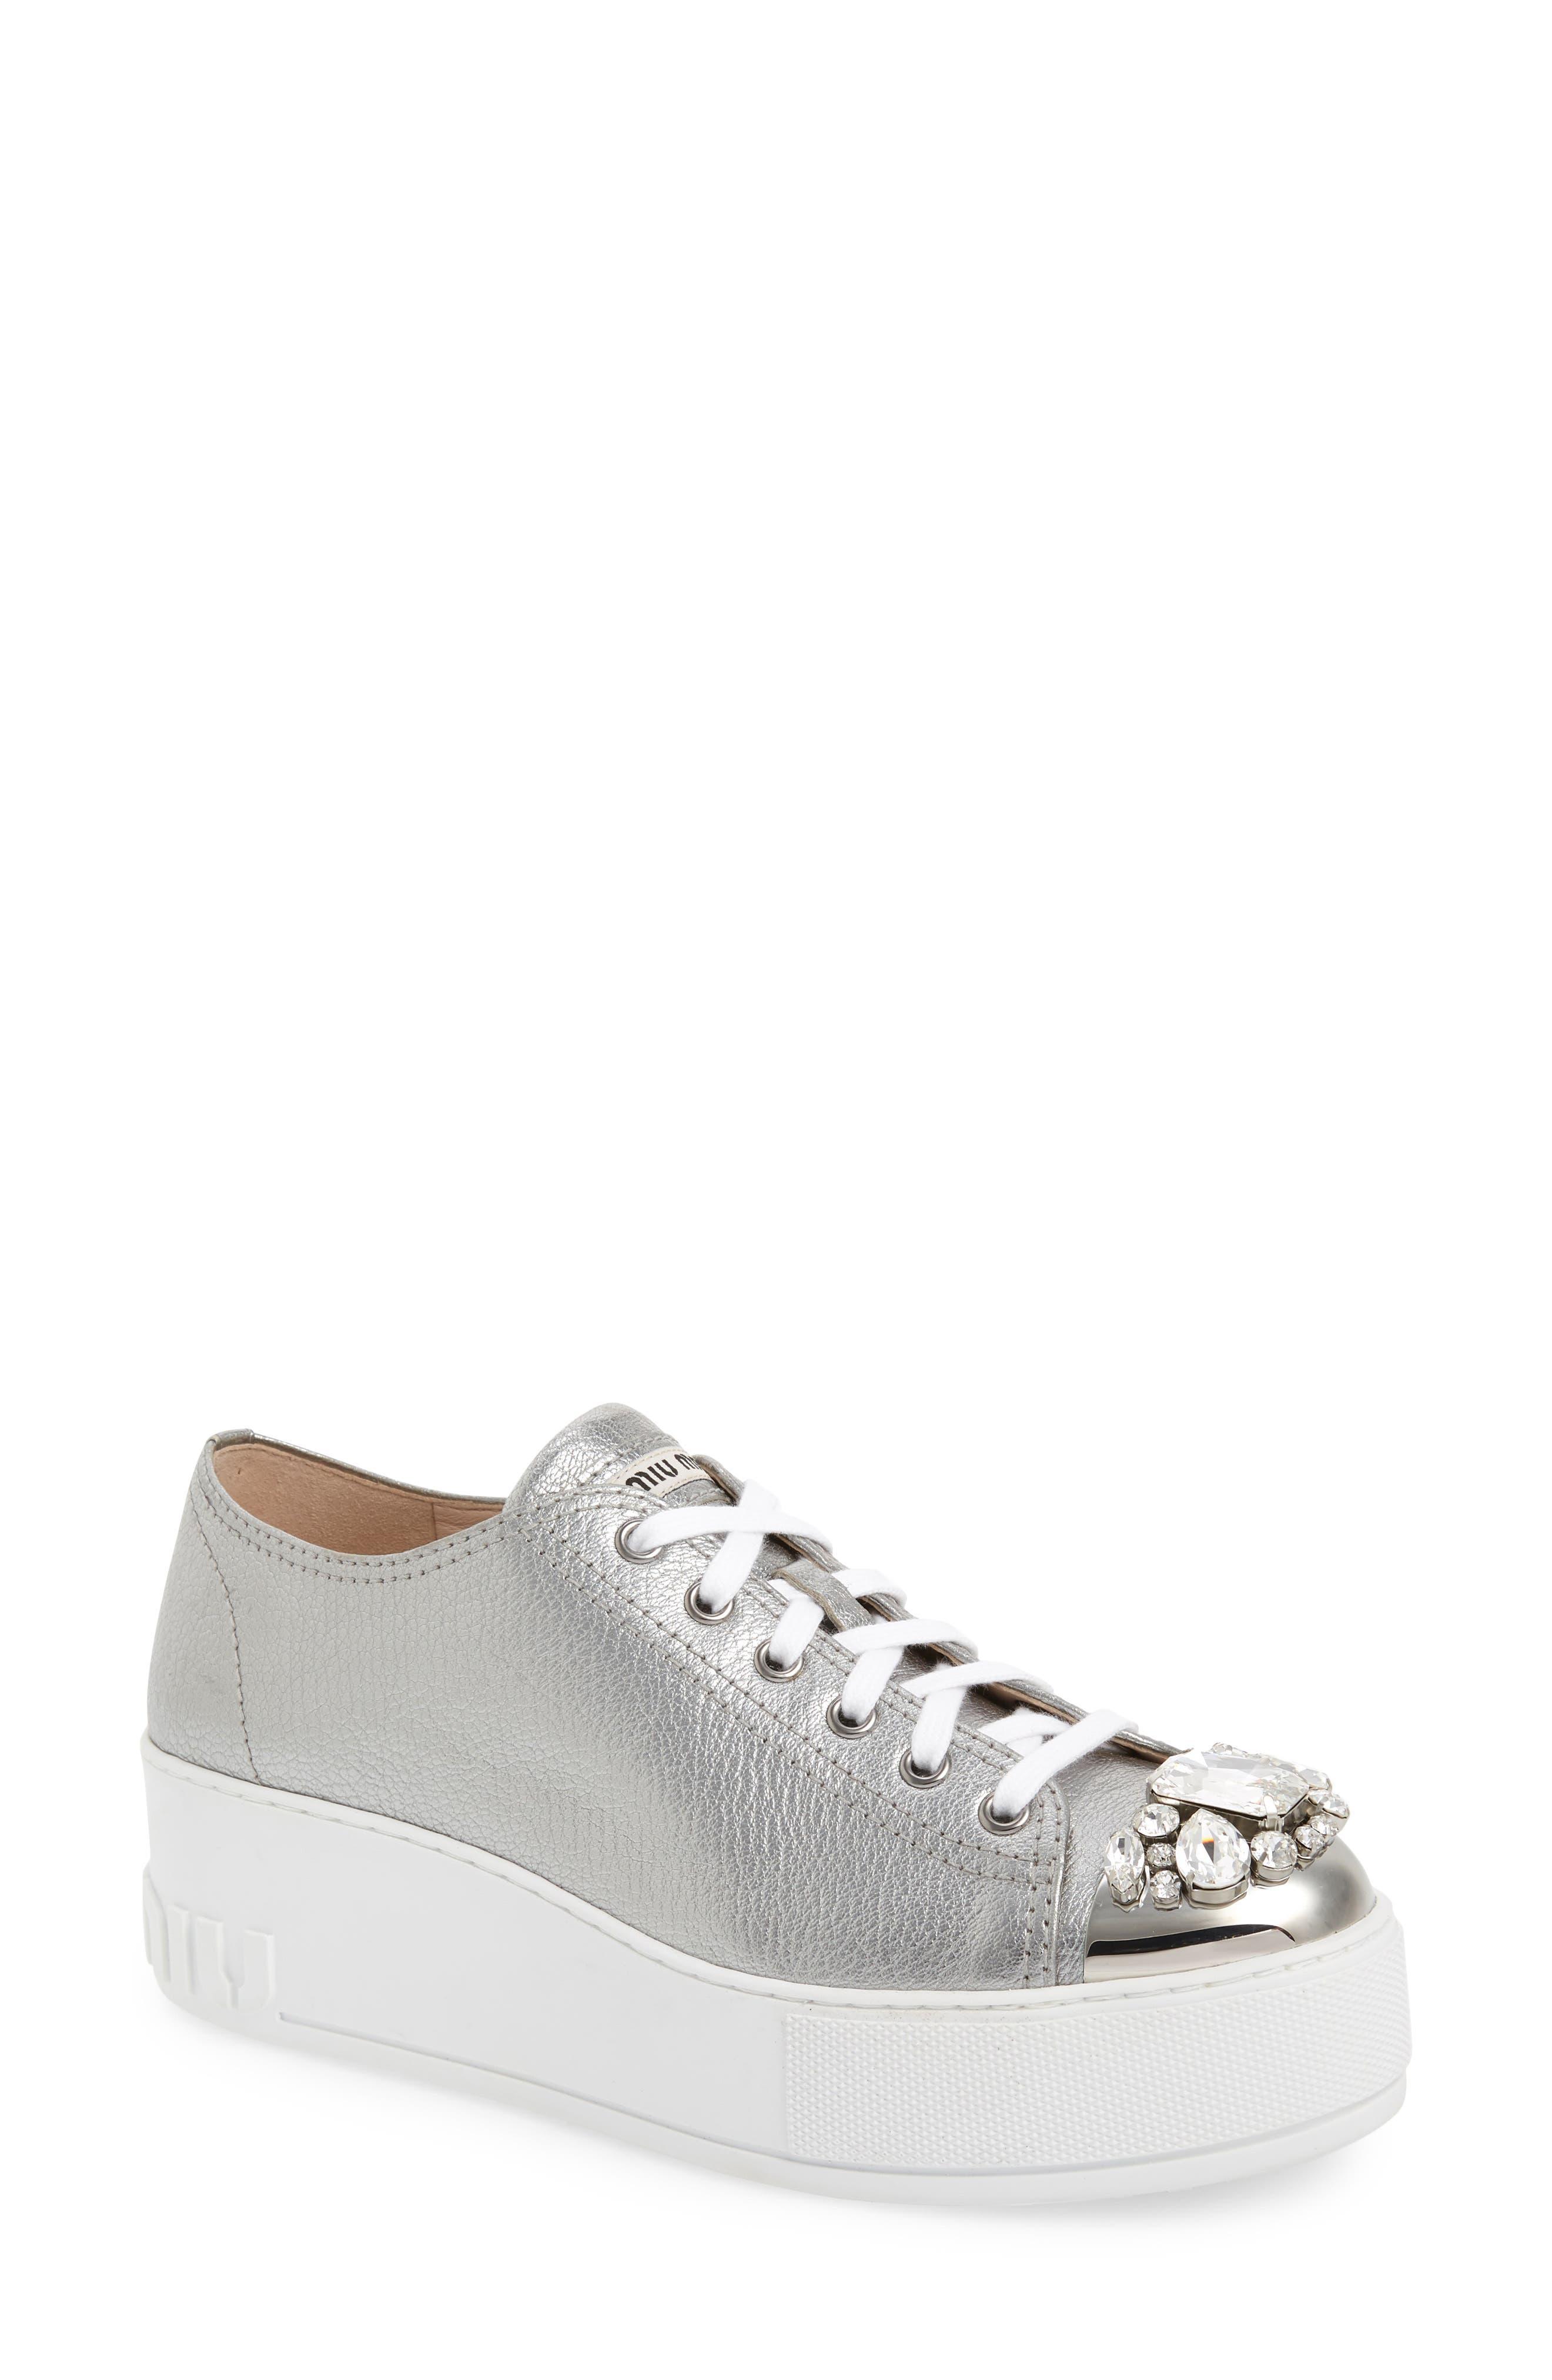 Miu Miu Crystal Cap Toe Sneaker, Metallic